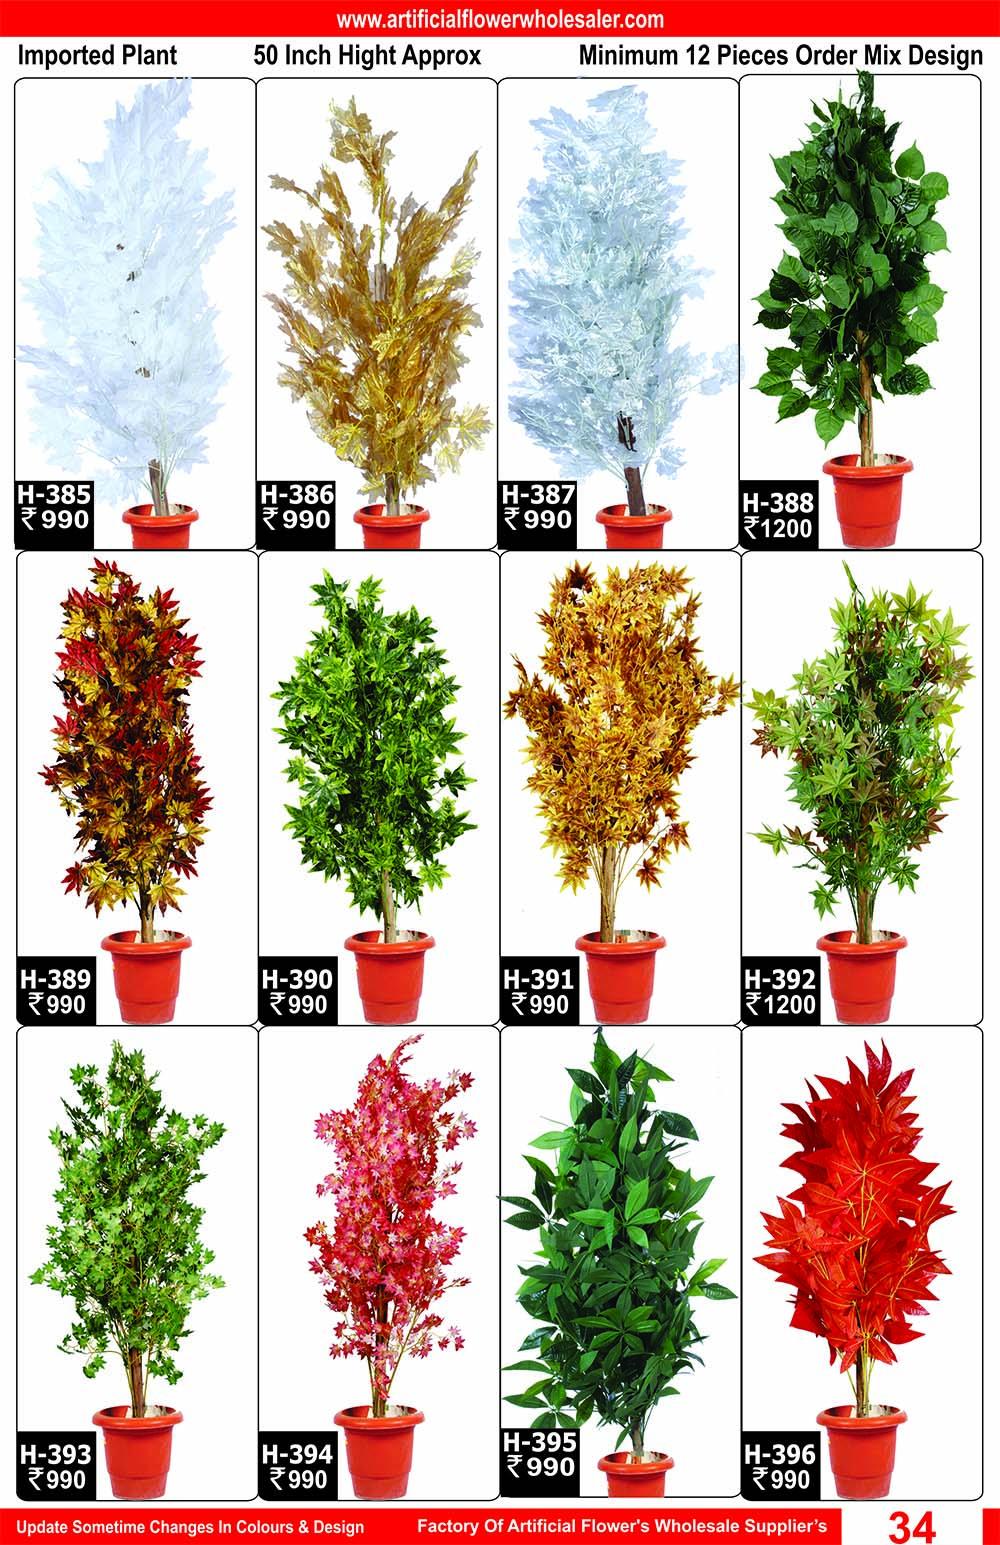 34-artificial-flower-wholesaler